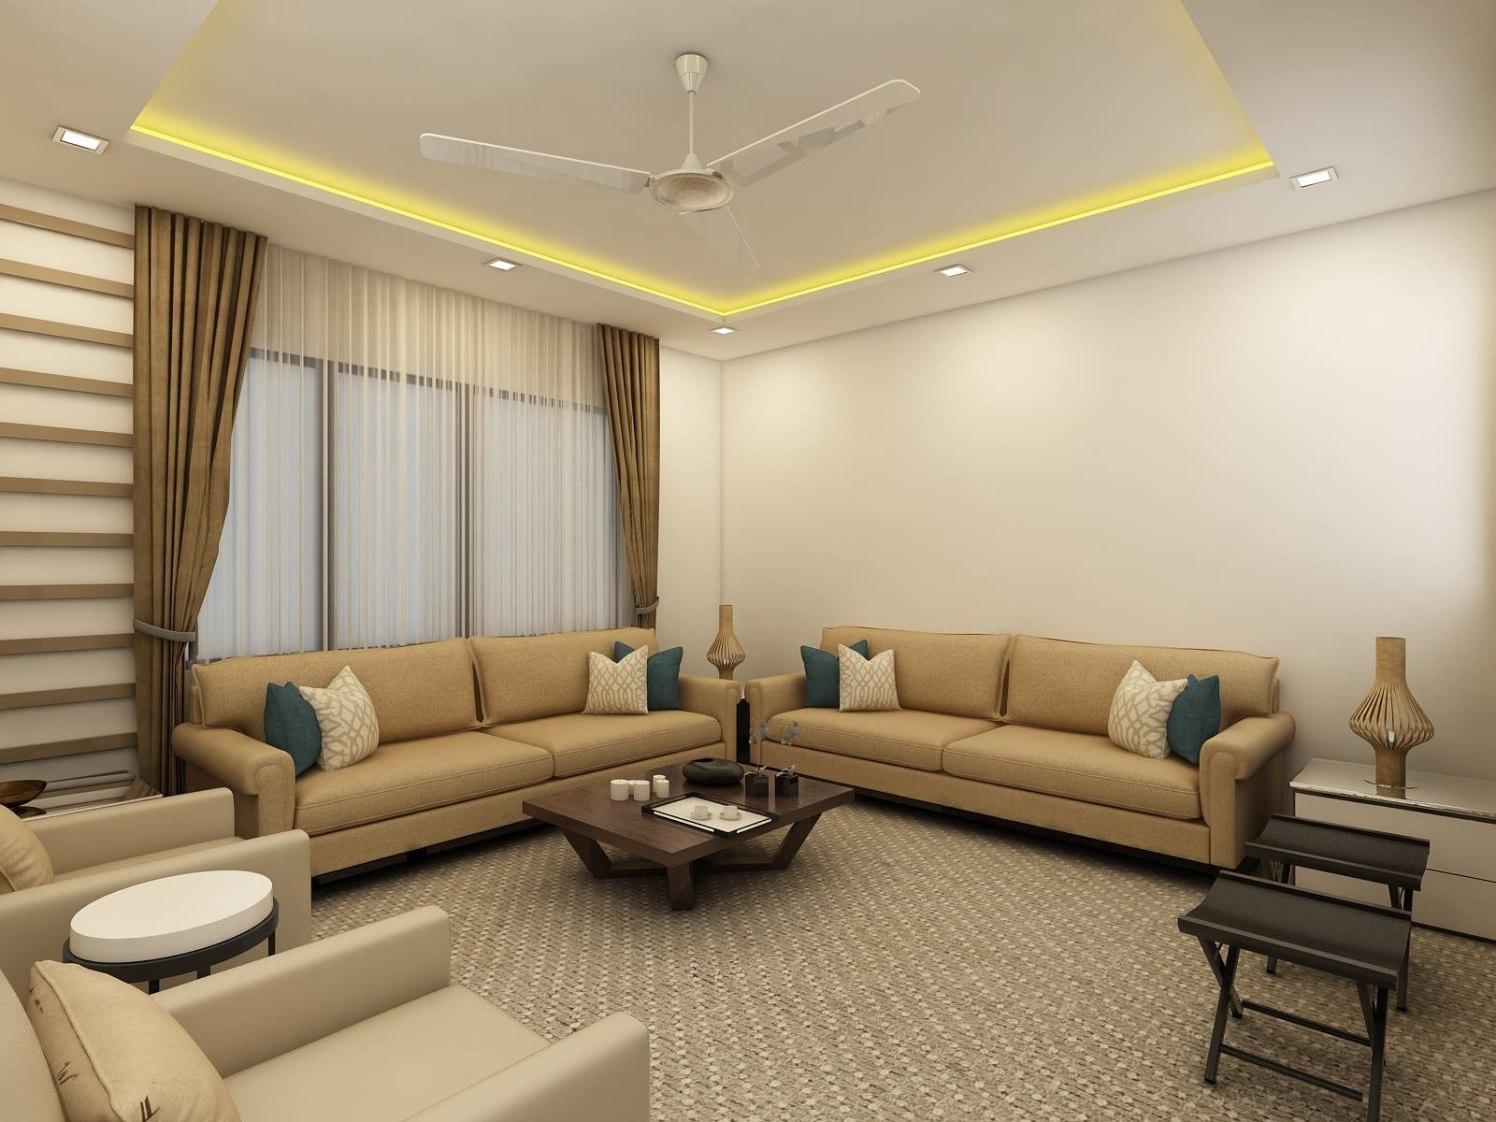 Cream color sofa  with color cushions  and false ceiling by Regalias Interiors Living-room Contemporary | Interior Design Photos & Ideas